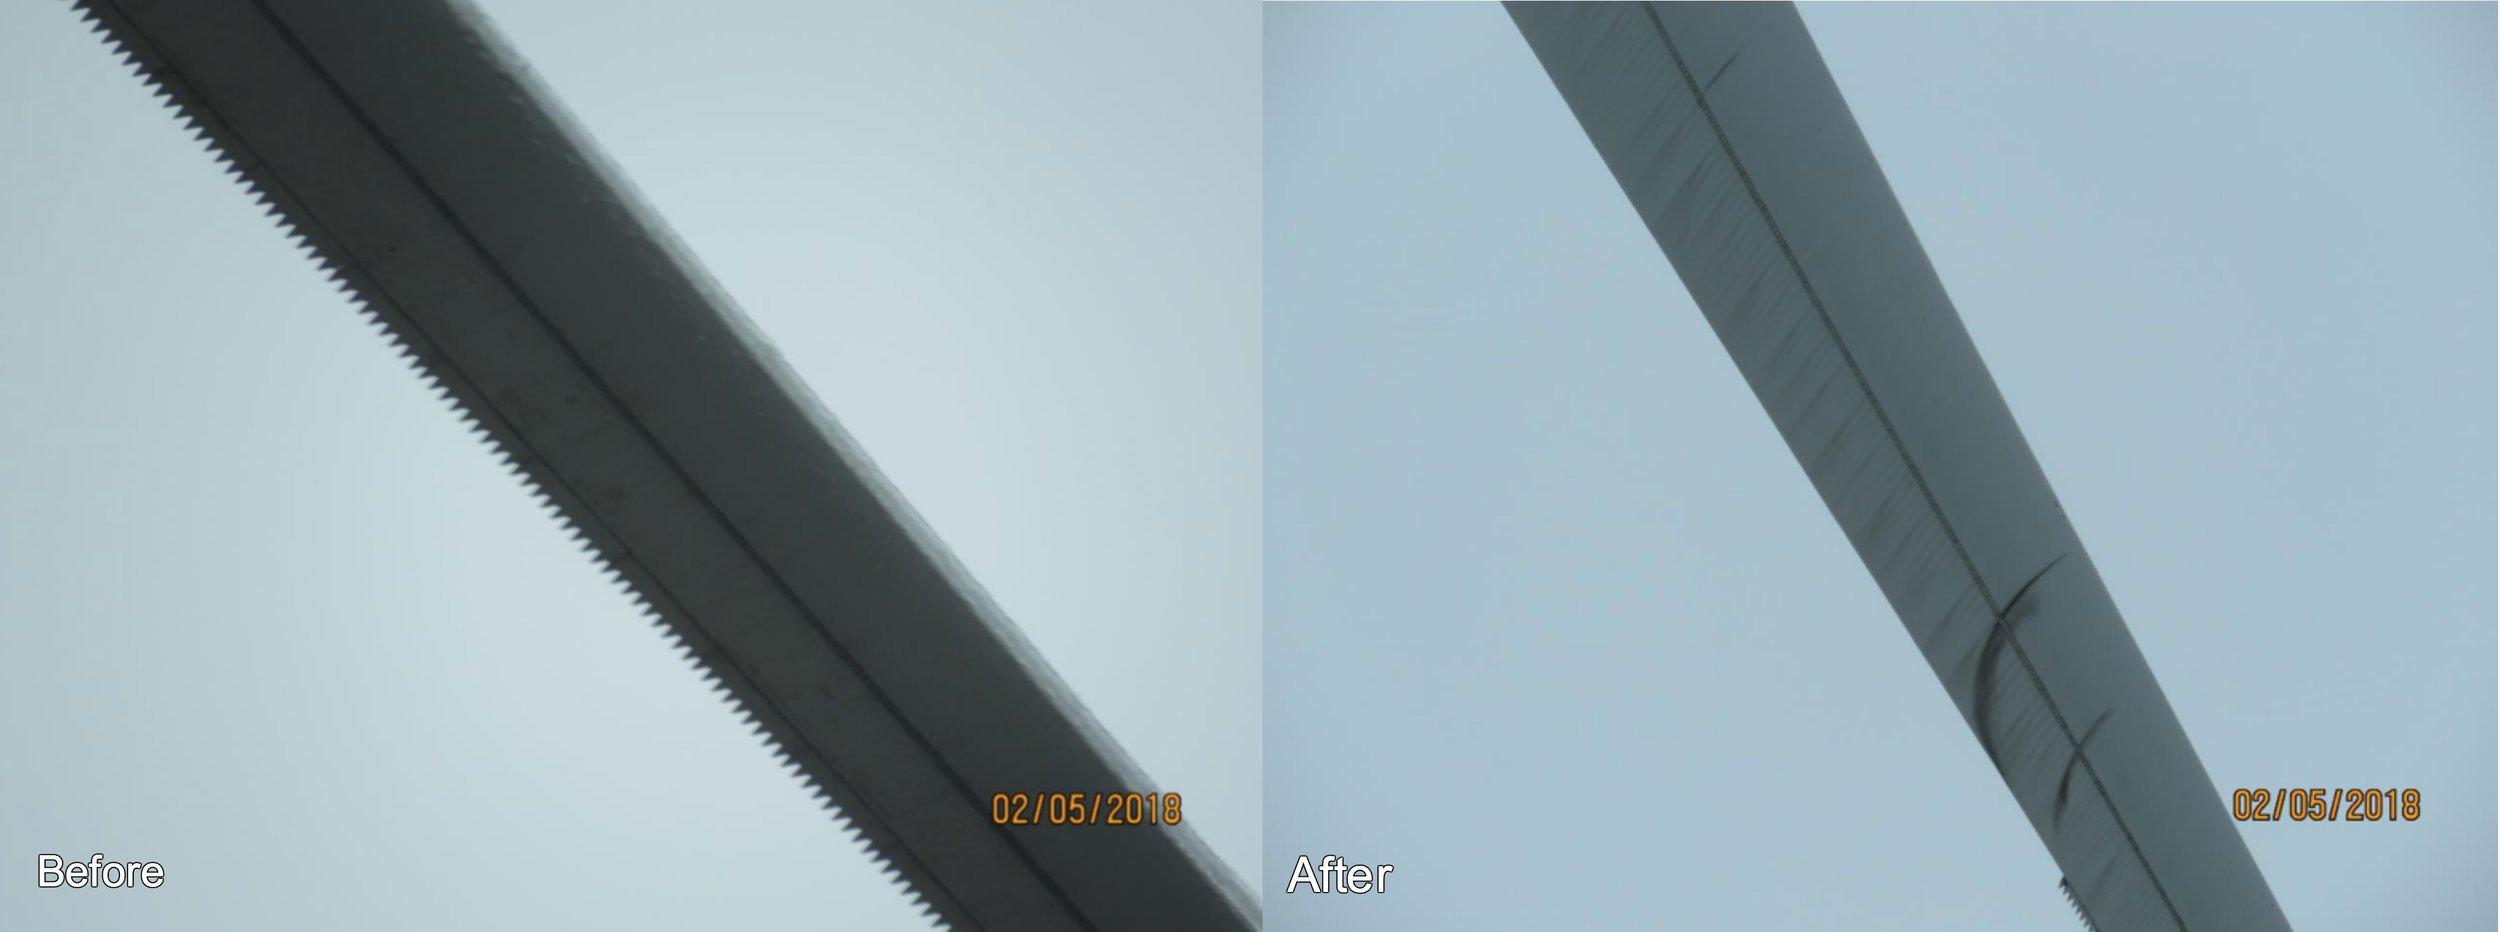 Blade De-icing Photos.jpg